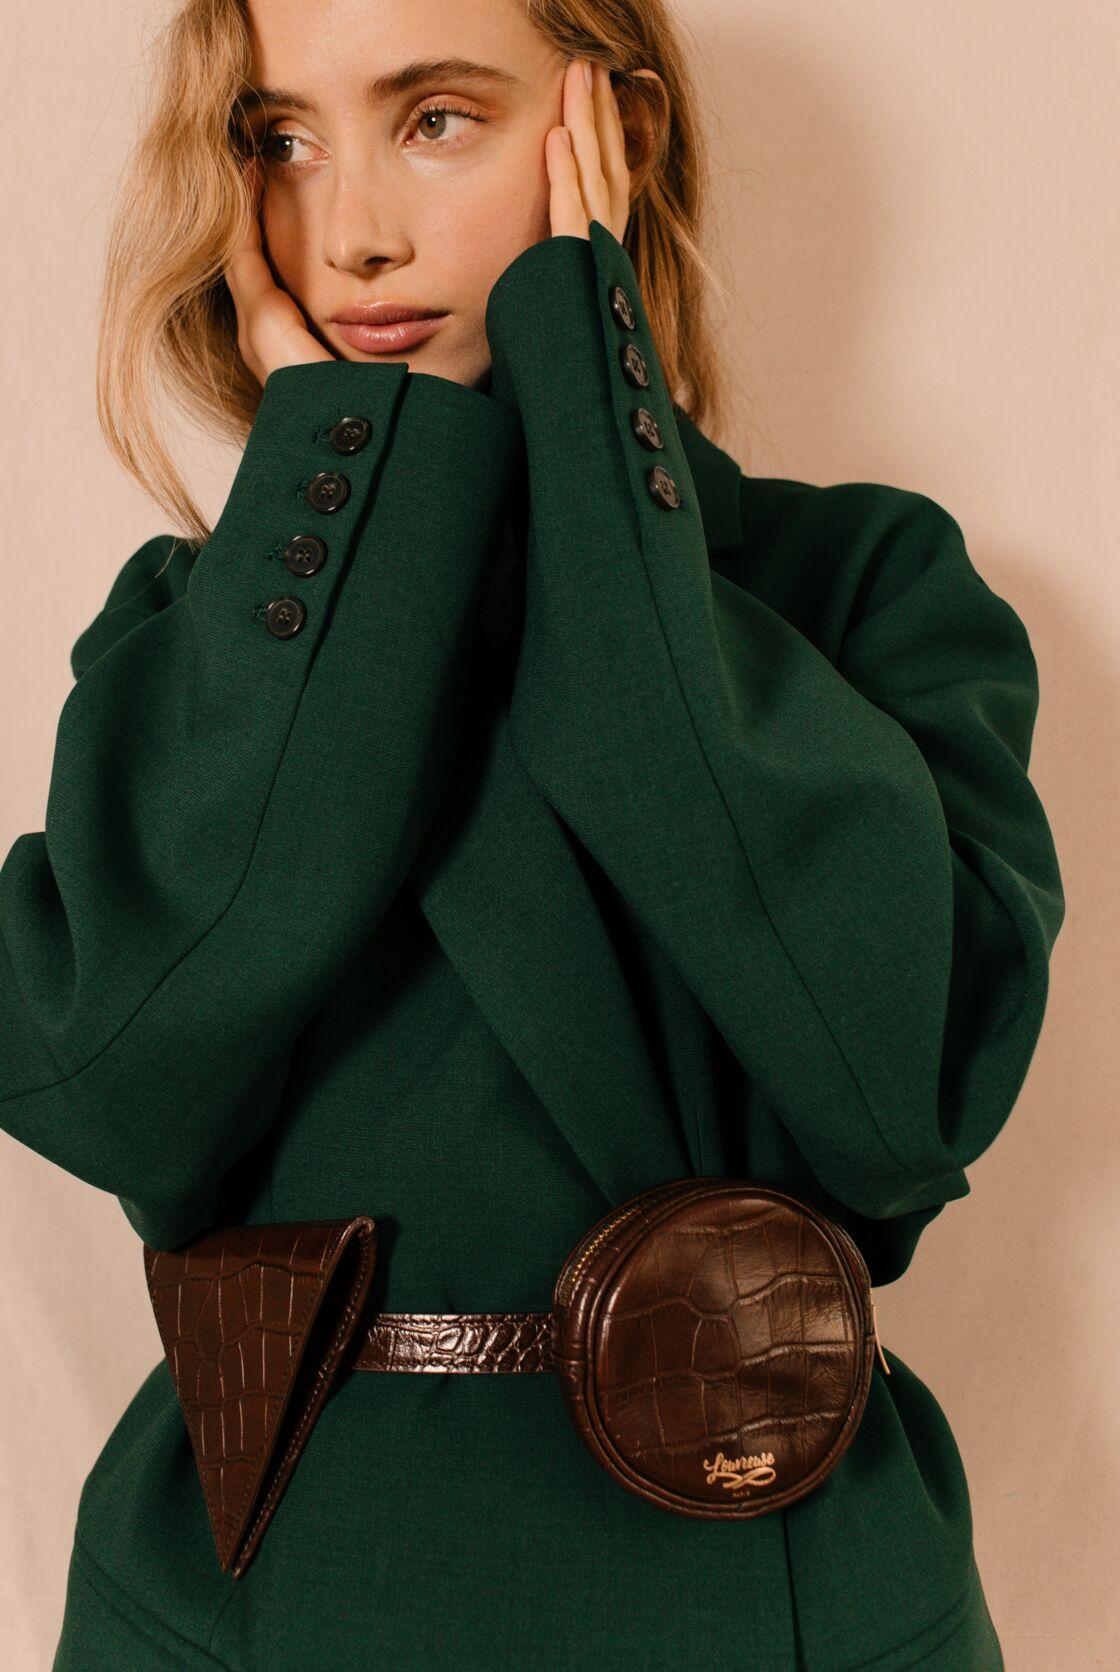 La ceinture-banane de Louvreuse à 240€ est disponible en cuir lisse ou cuir effet croco et dans différents coloris.